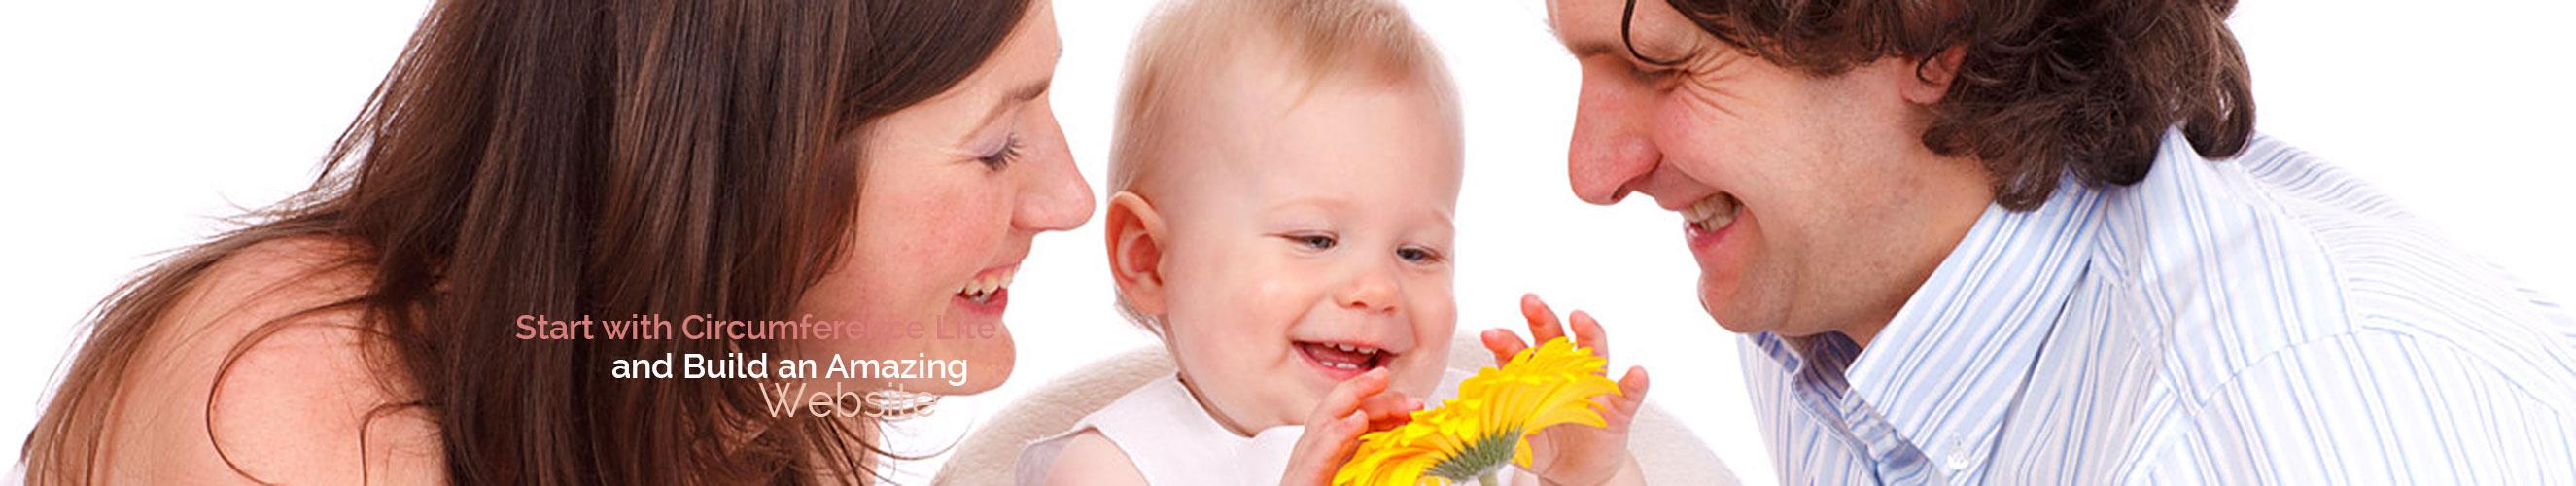 Psihoterapie si consiliere psihologica adulti si copii, terapie de cuplu